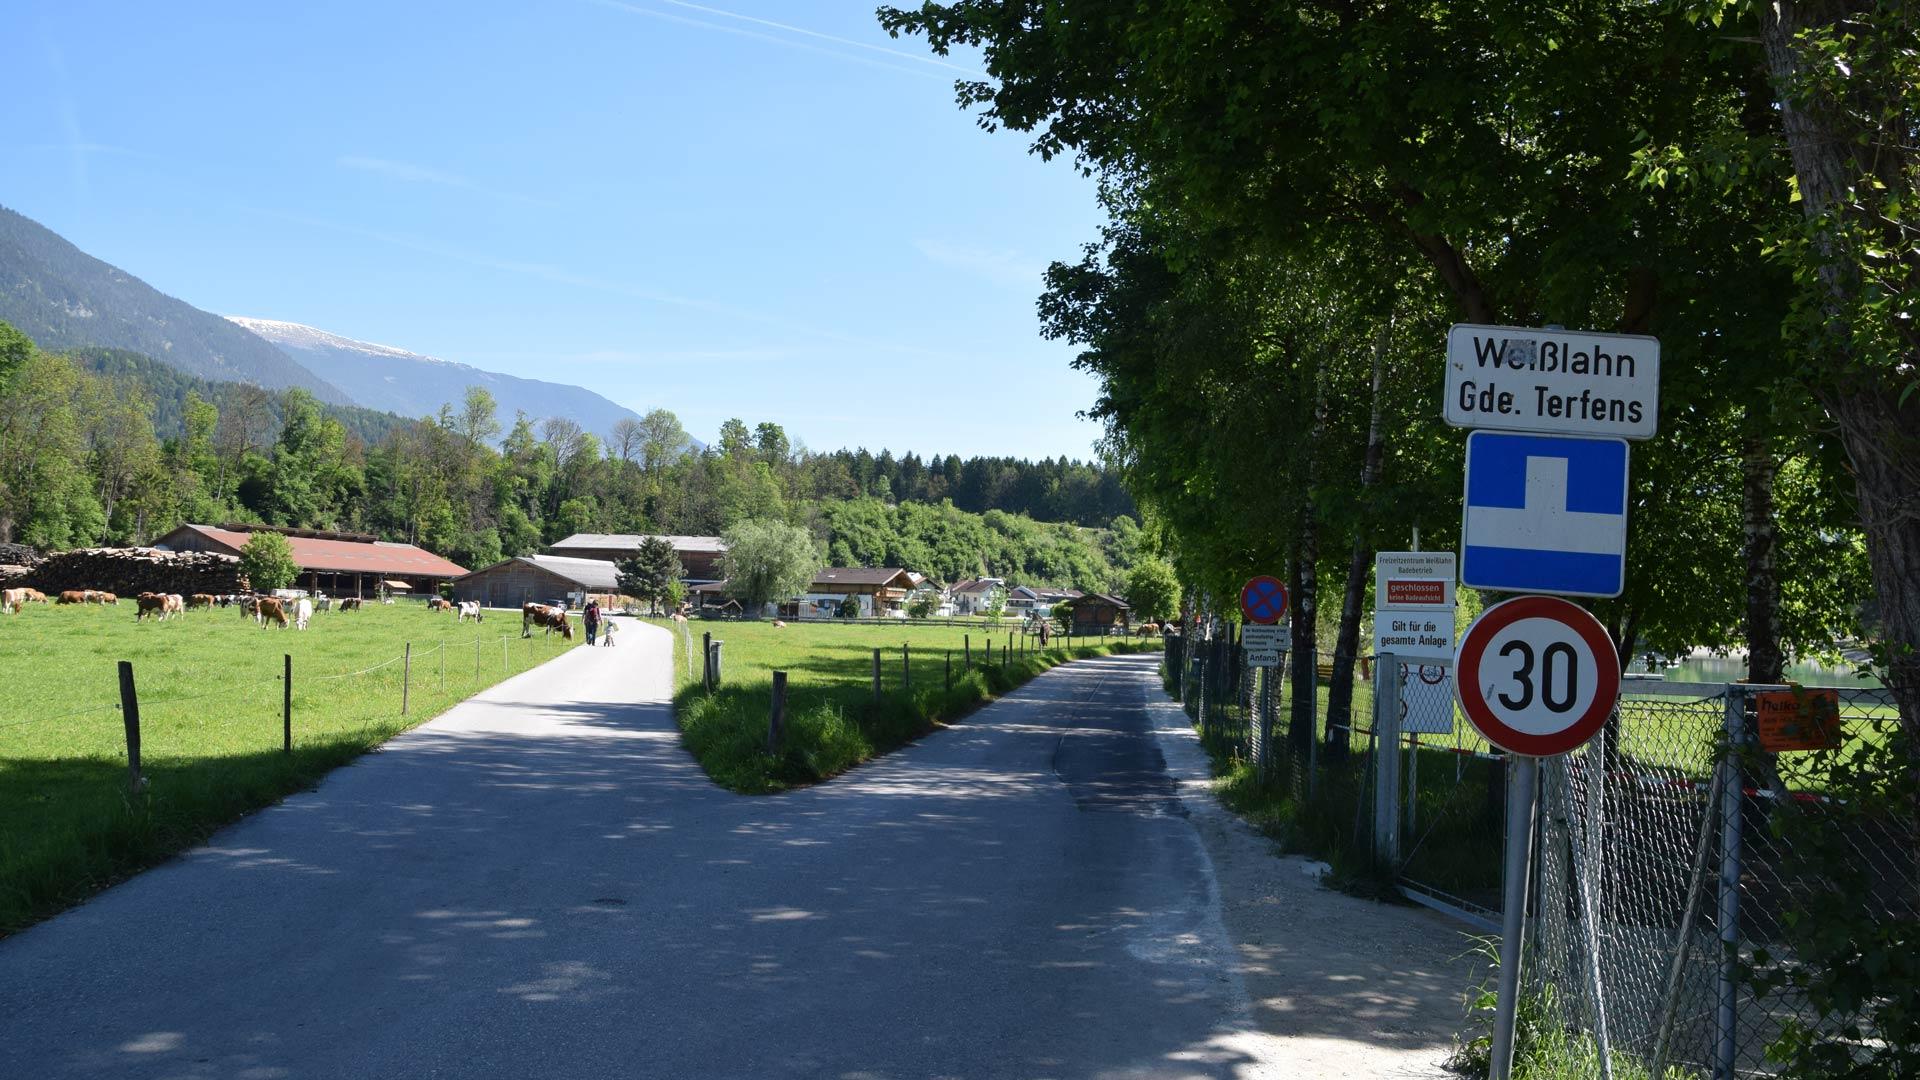 Terfens in Tirol - Thema auf rematesbancarios.com